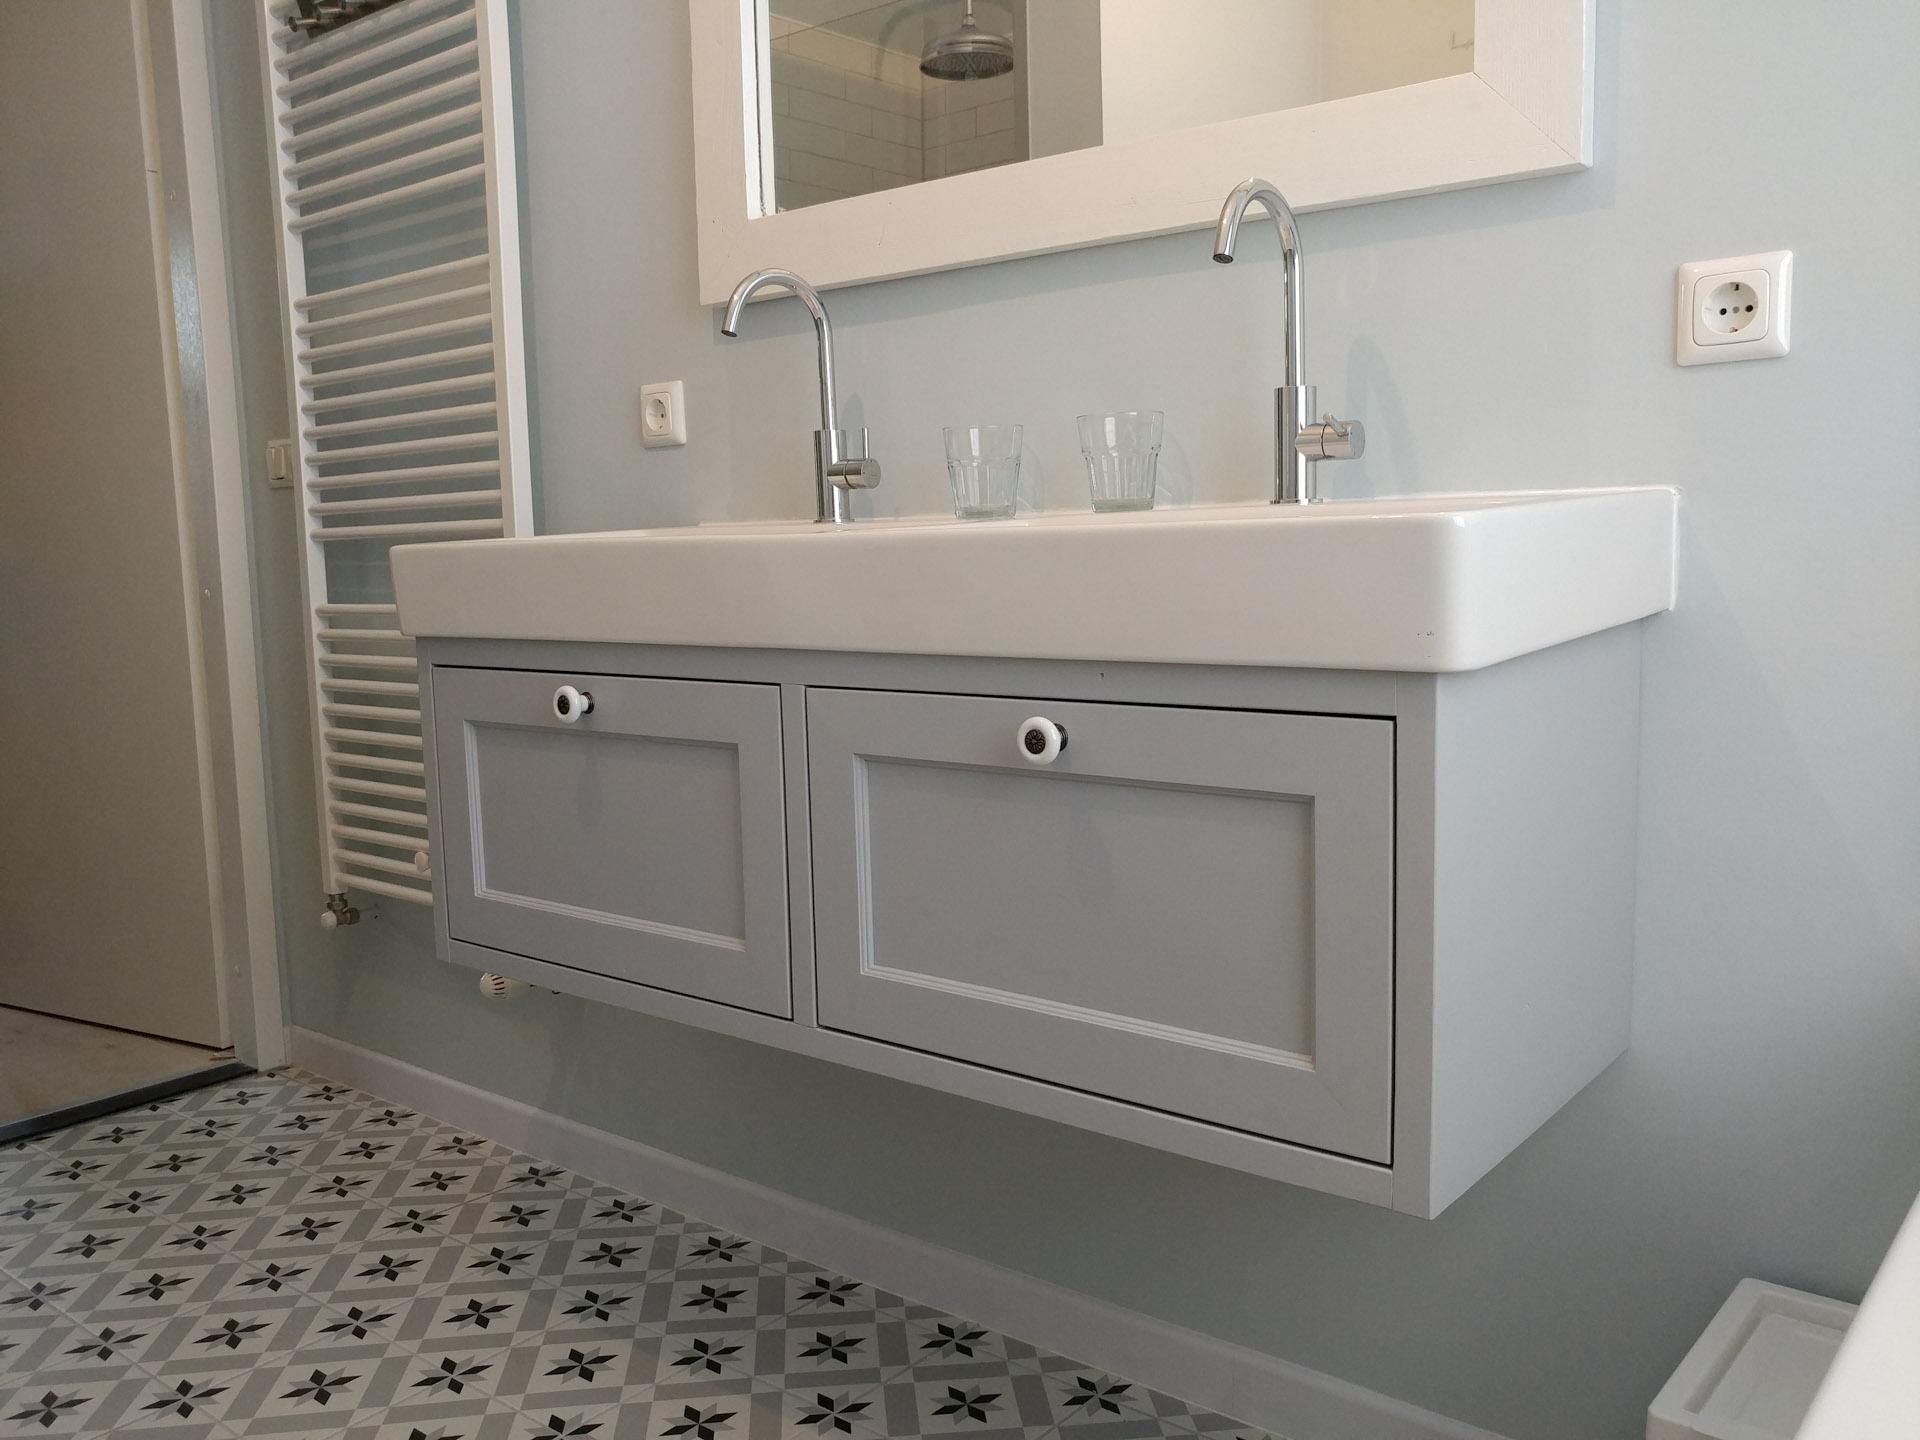 Badkamer landelijke stijl – VinaWood Meubelmaker